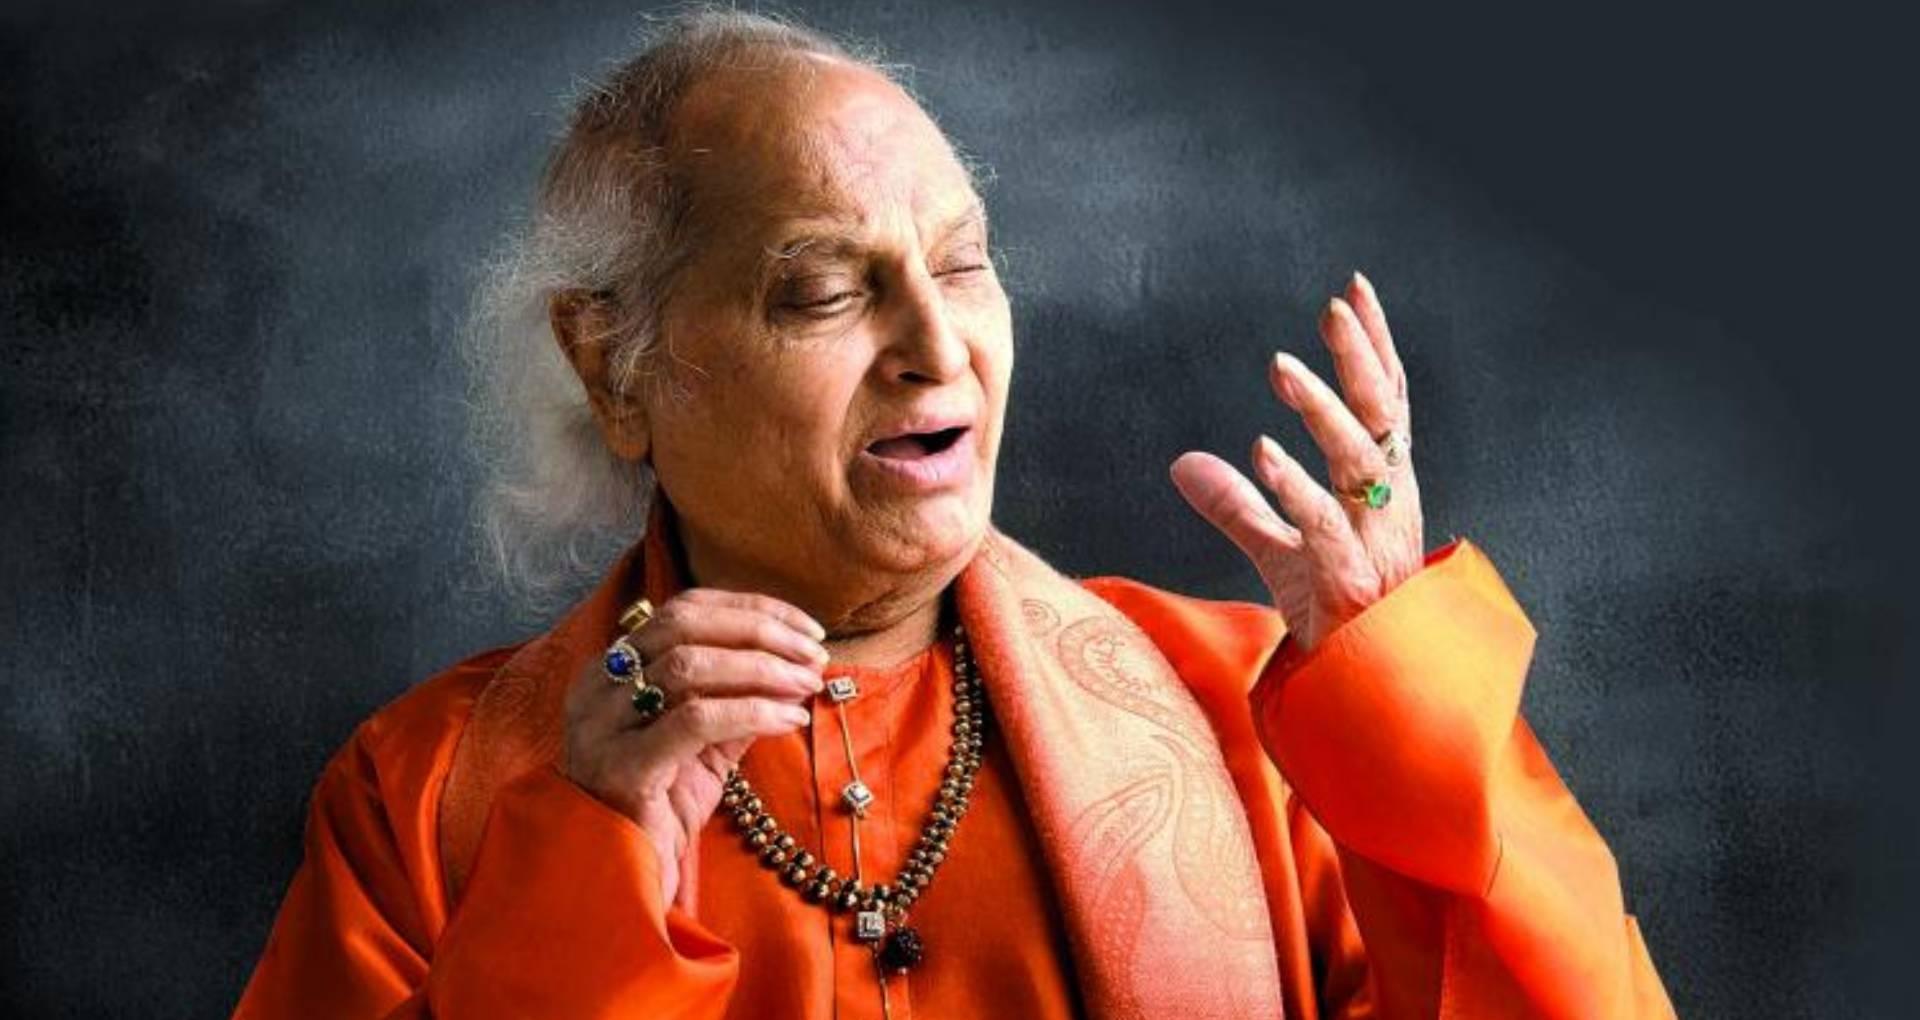 नासा ने पंडित जसराज को किया सम्मानित, ब्रह्मांड के इस ग्रह को दिया भारतीय शास्त्रीय गायक का नाम